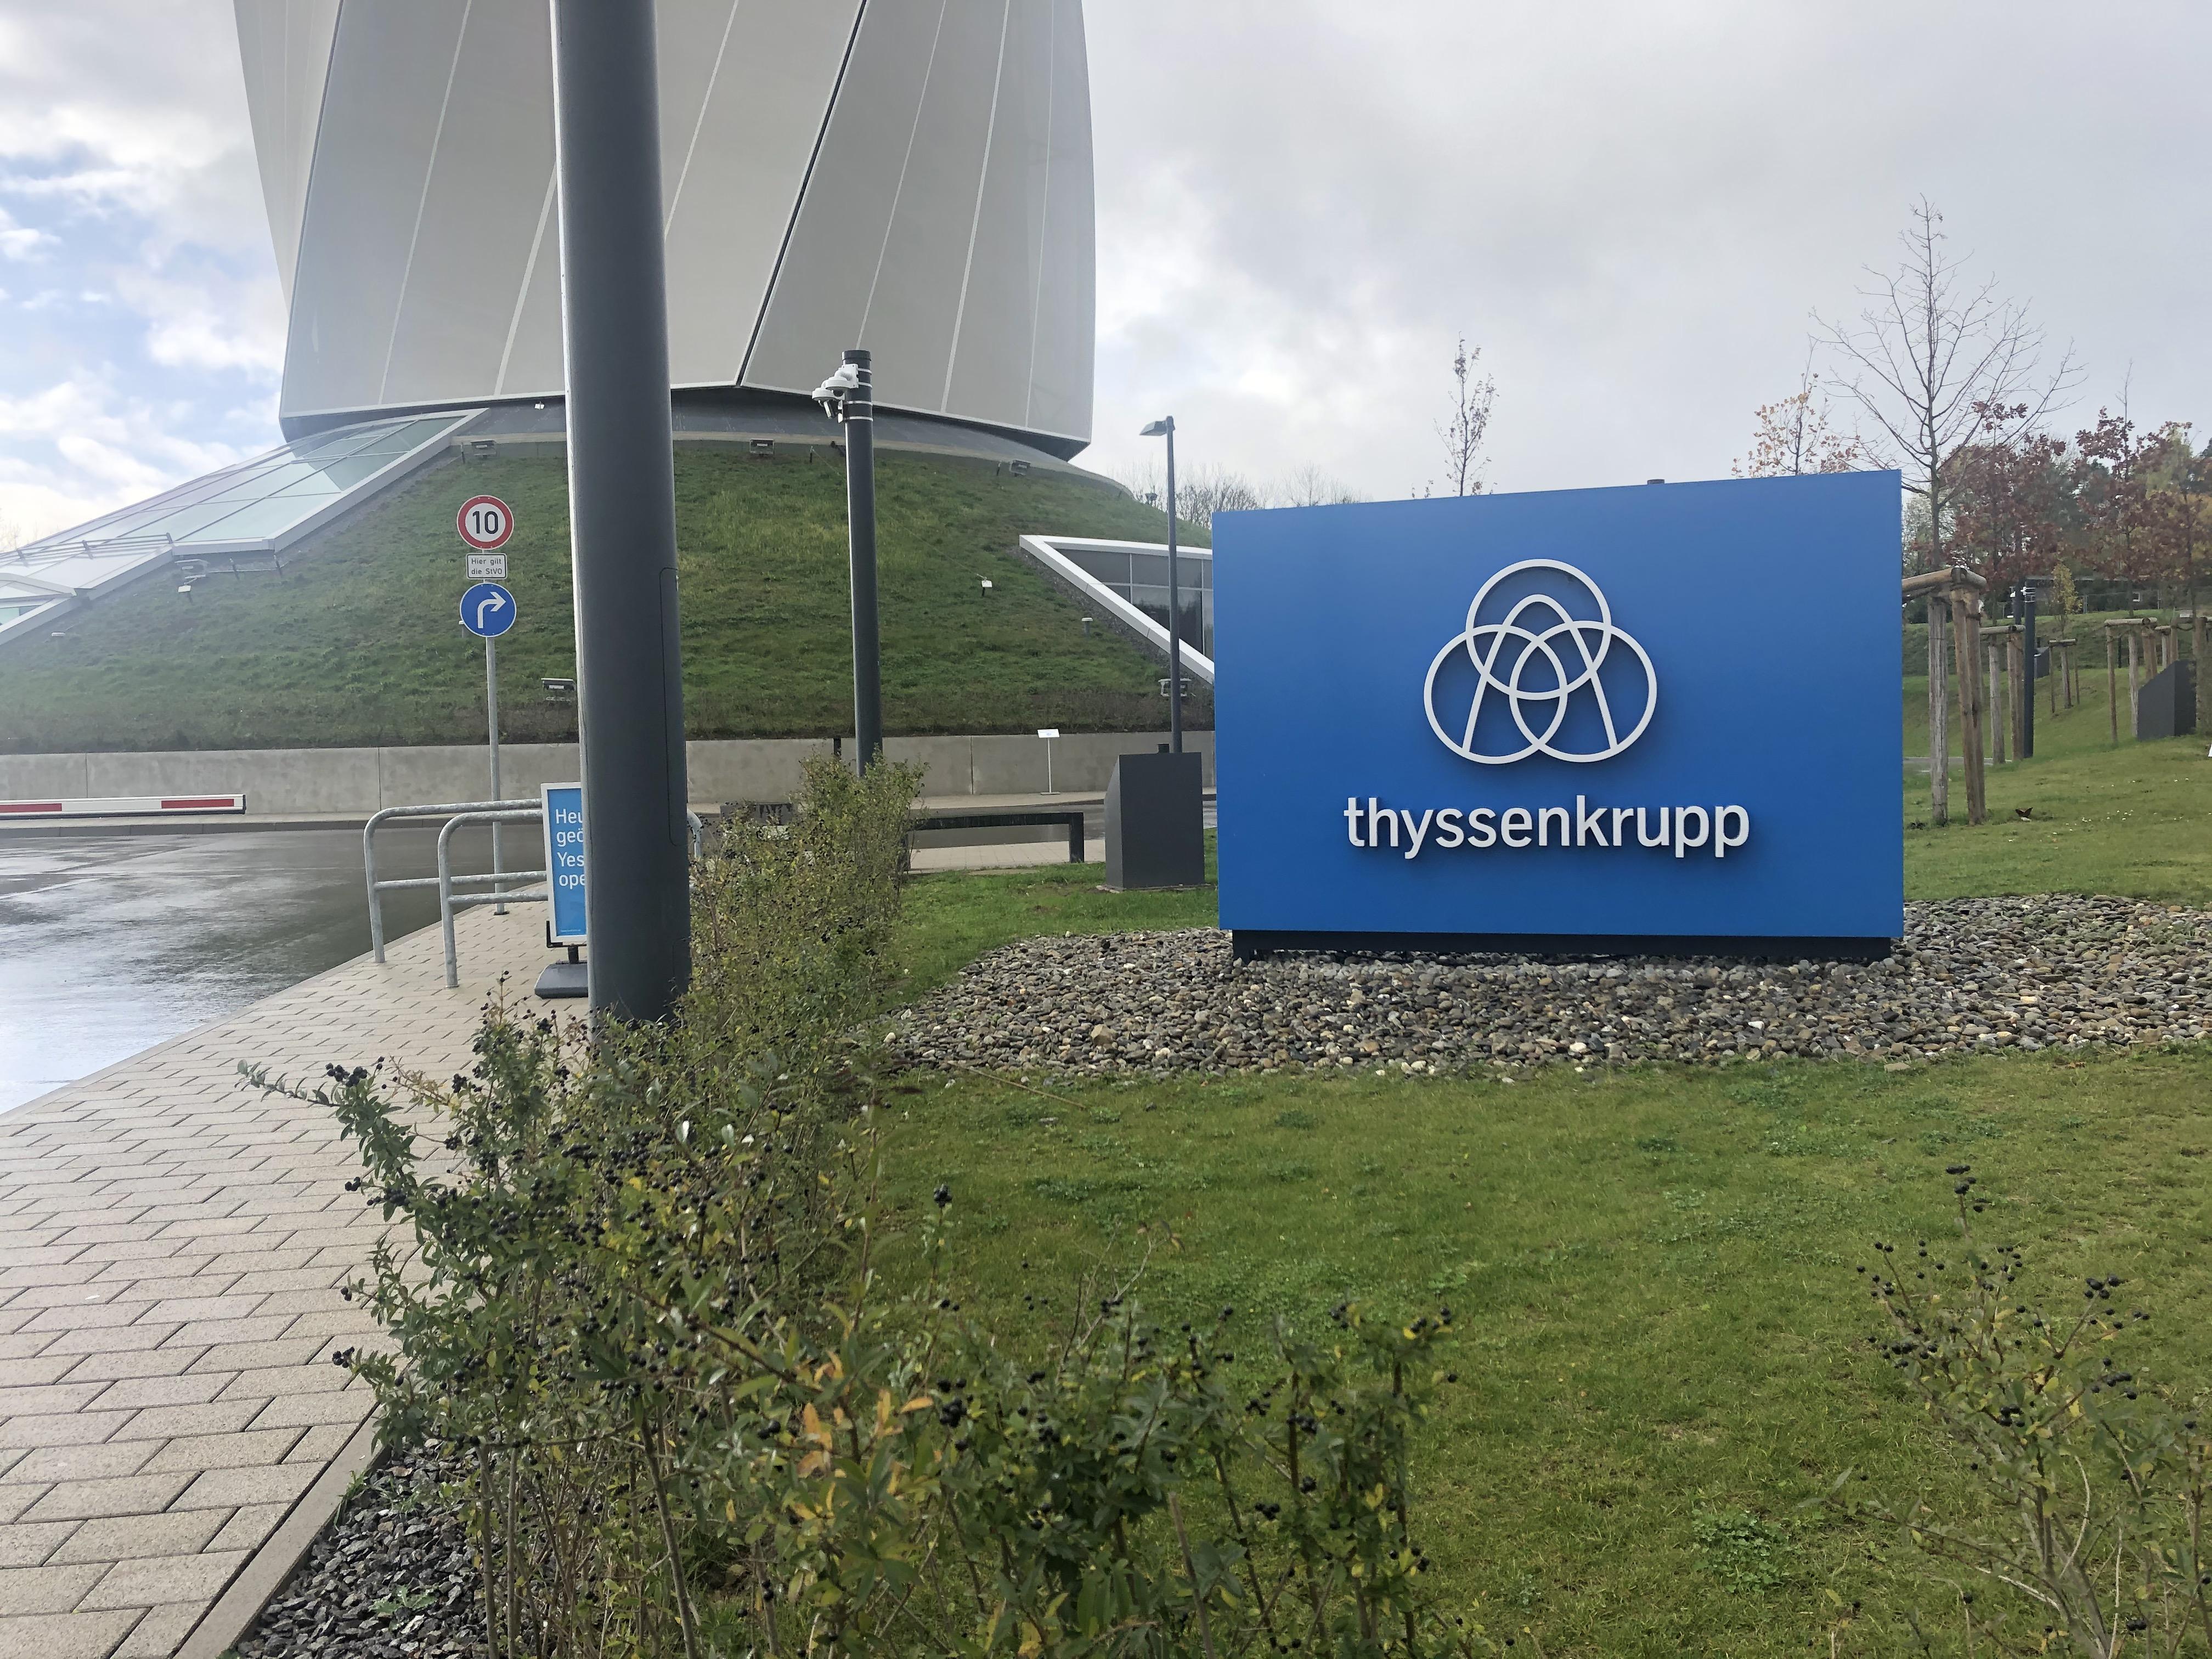 ThyssenKrupp ist für den Testturm verantwortlich